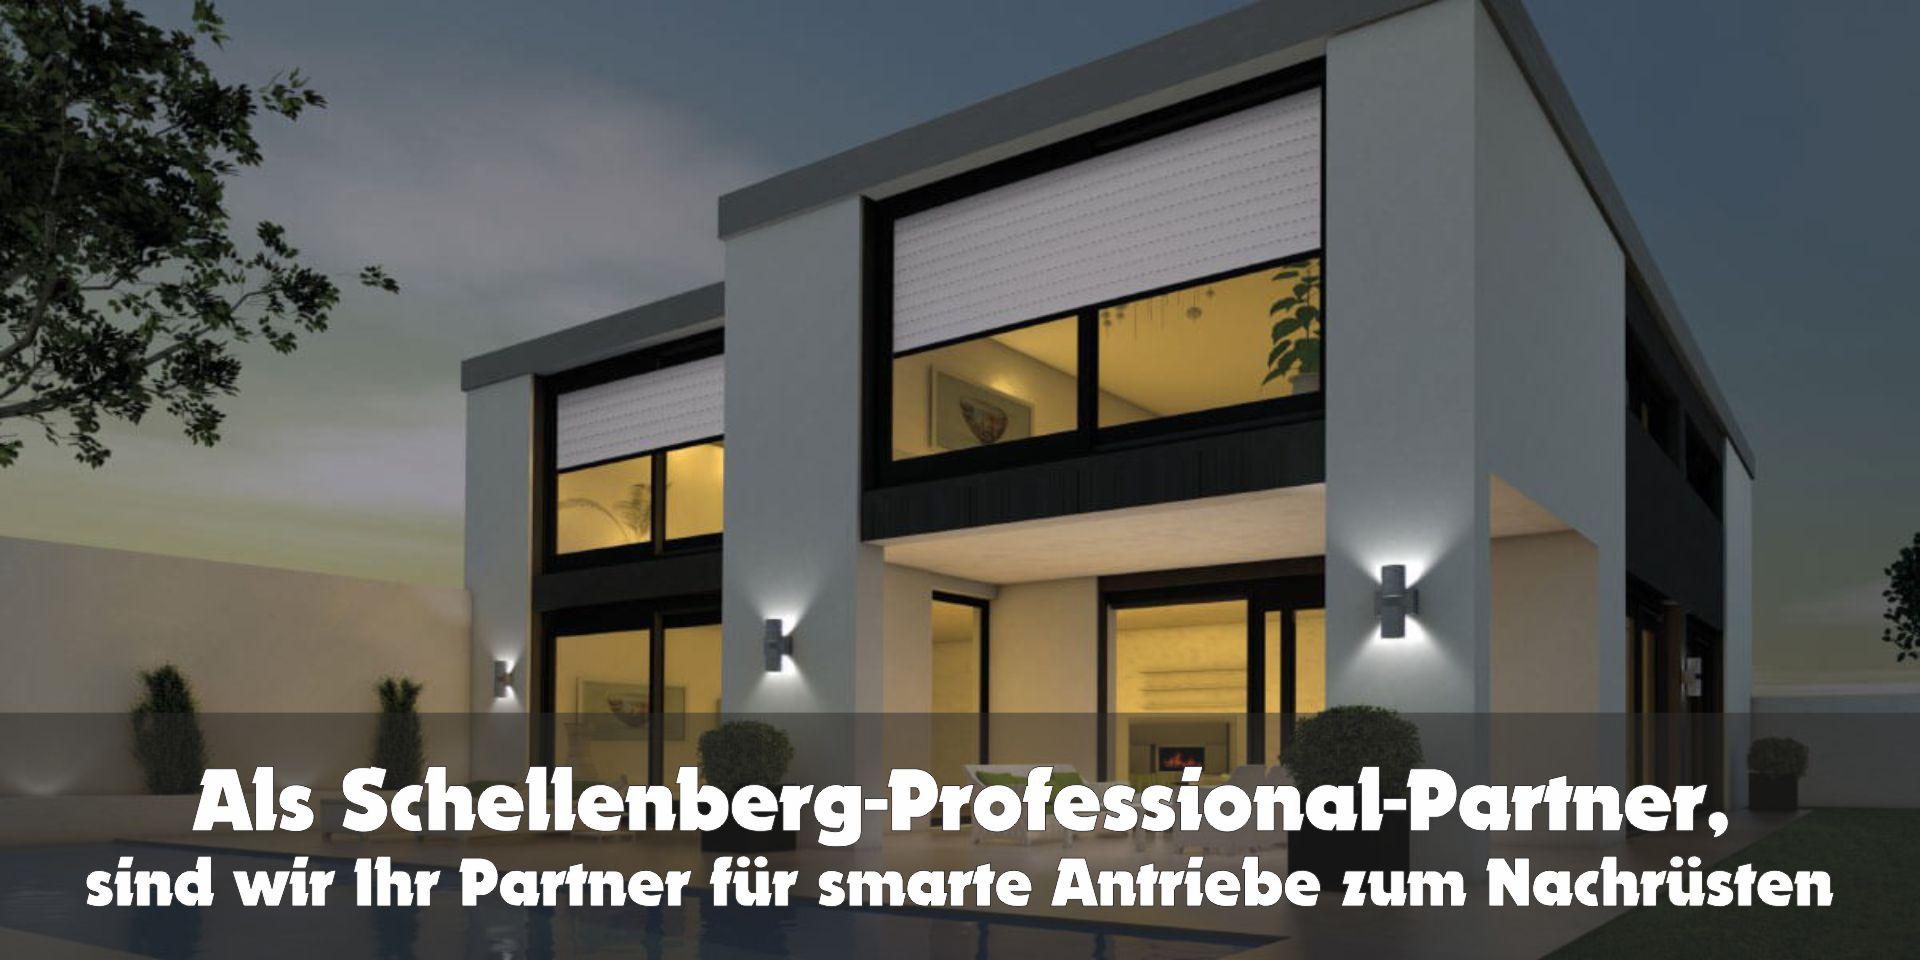 Schellenberg-Professional-Partner   www.fliegengittermacher.de